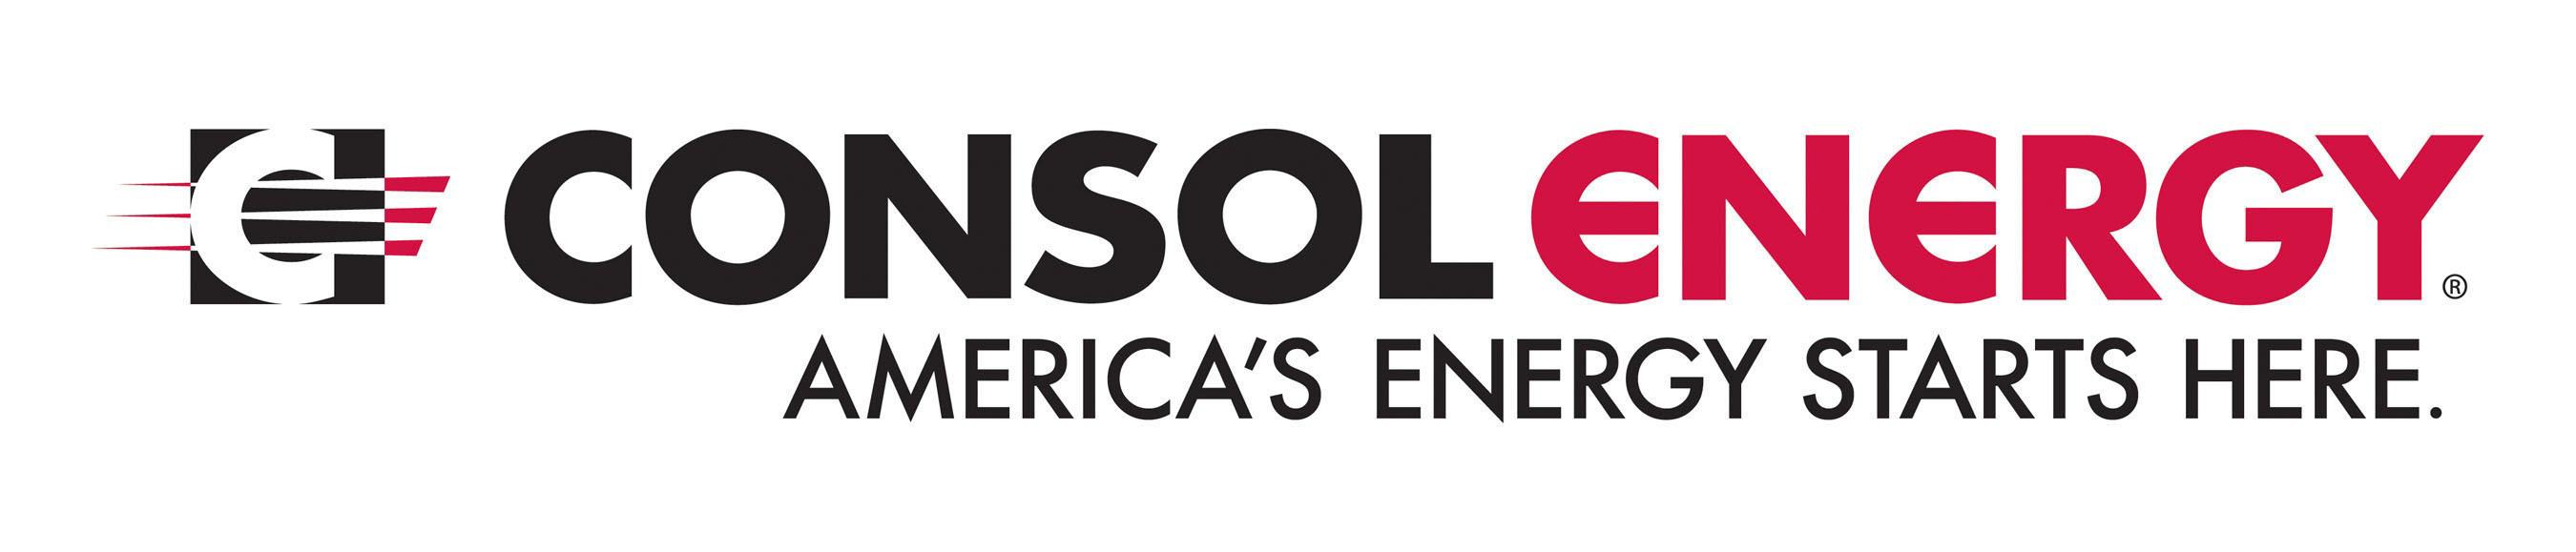 CONSOL Energy Reports Second Quarter Results; Record Quarterly E&P Production of 75.5 Bcfe; E&P